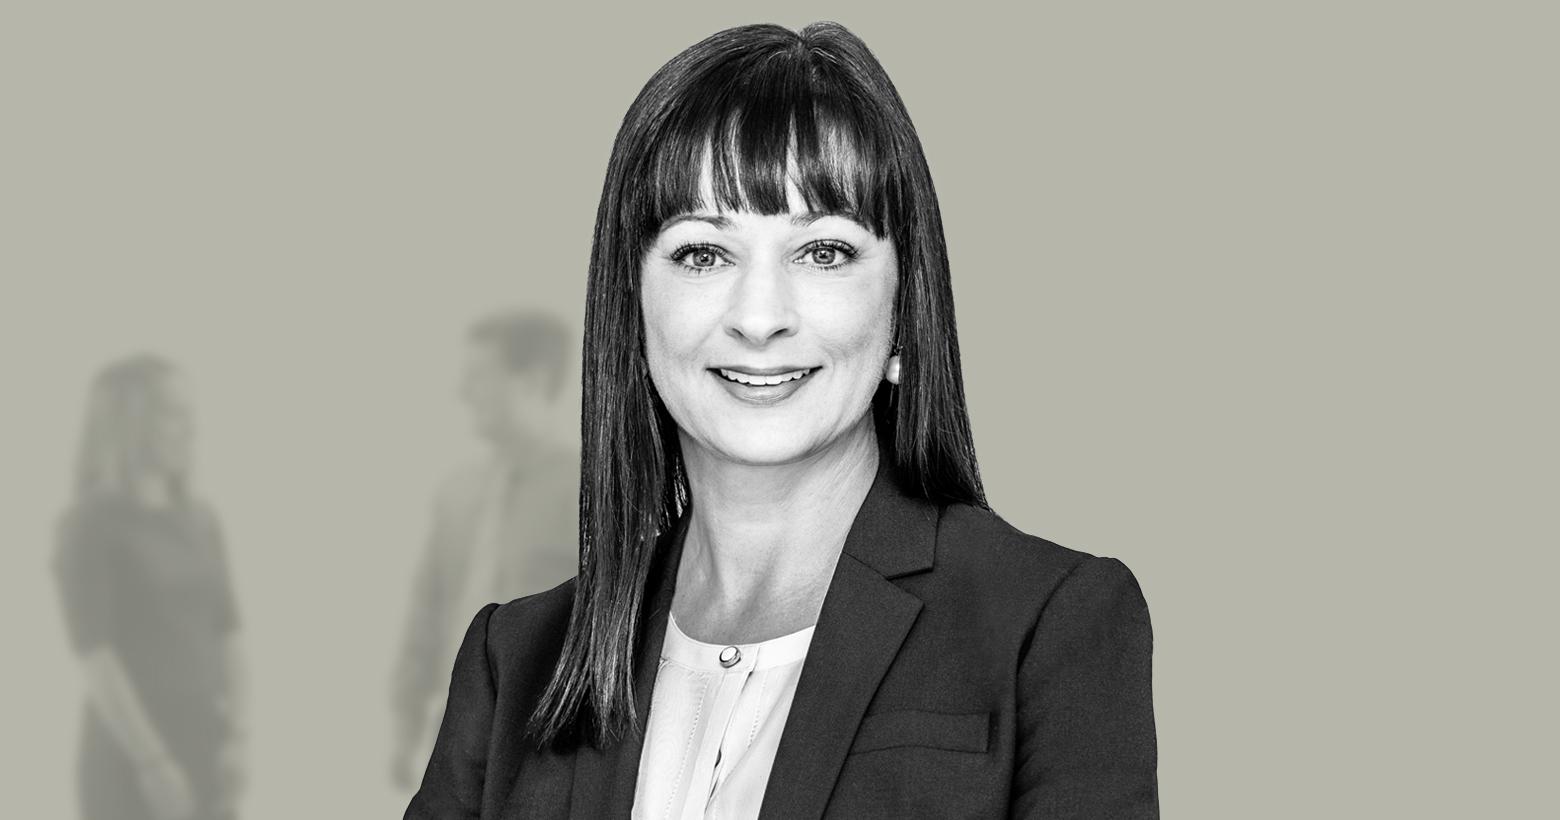 Cathleen Krautheim